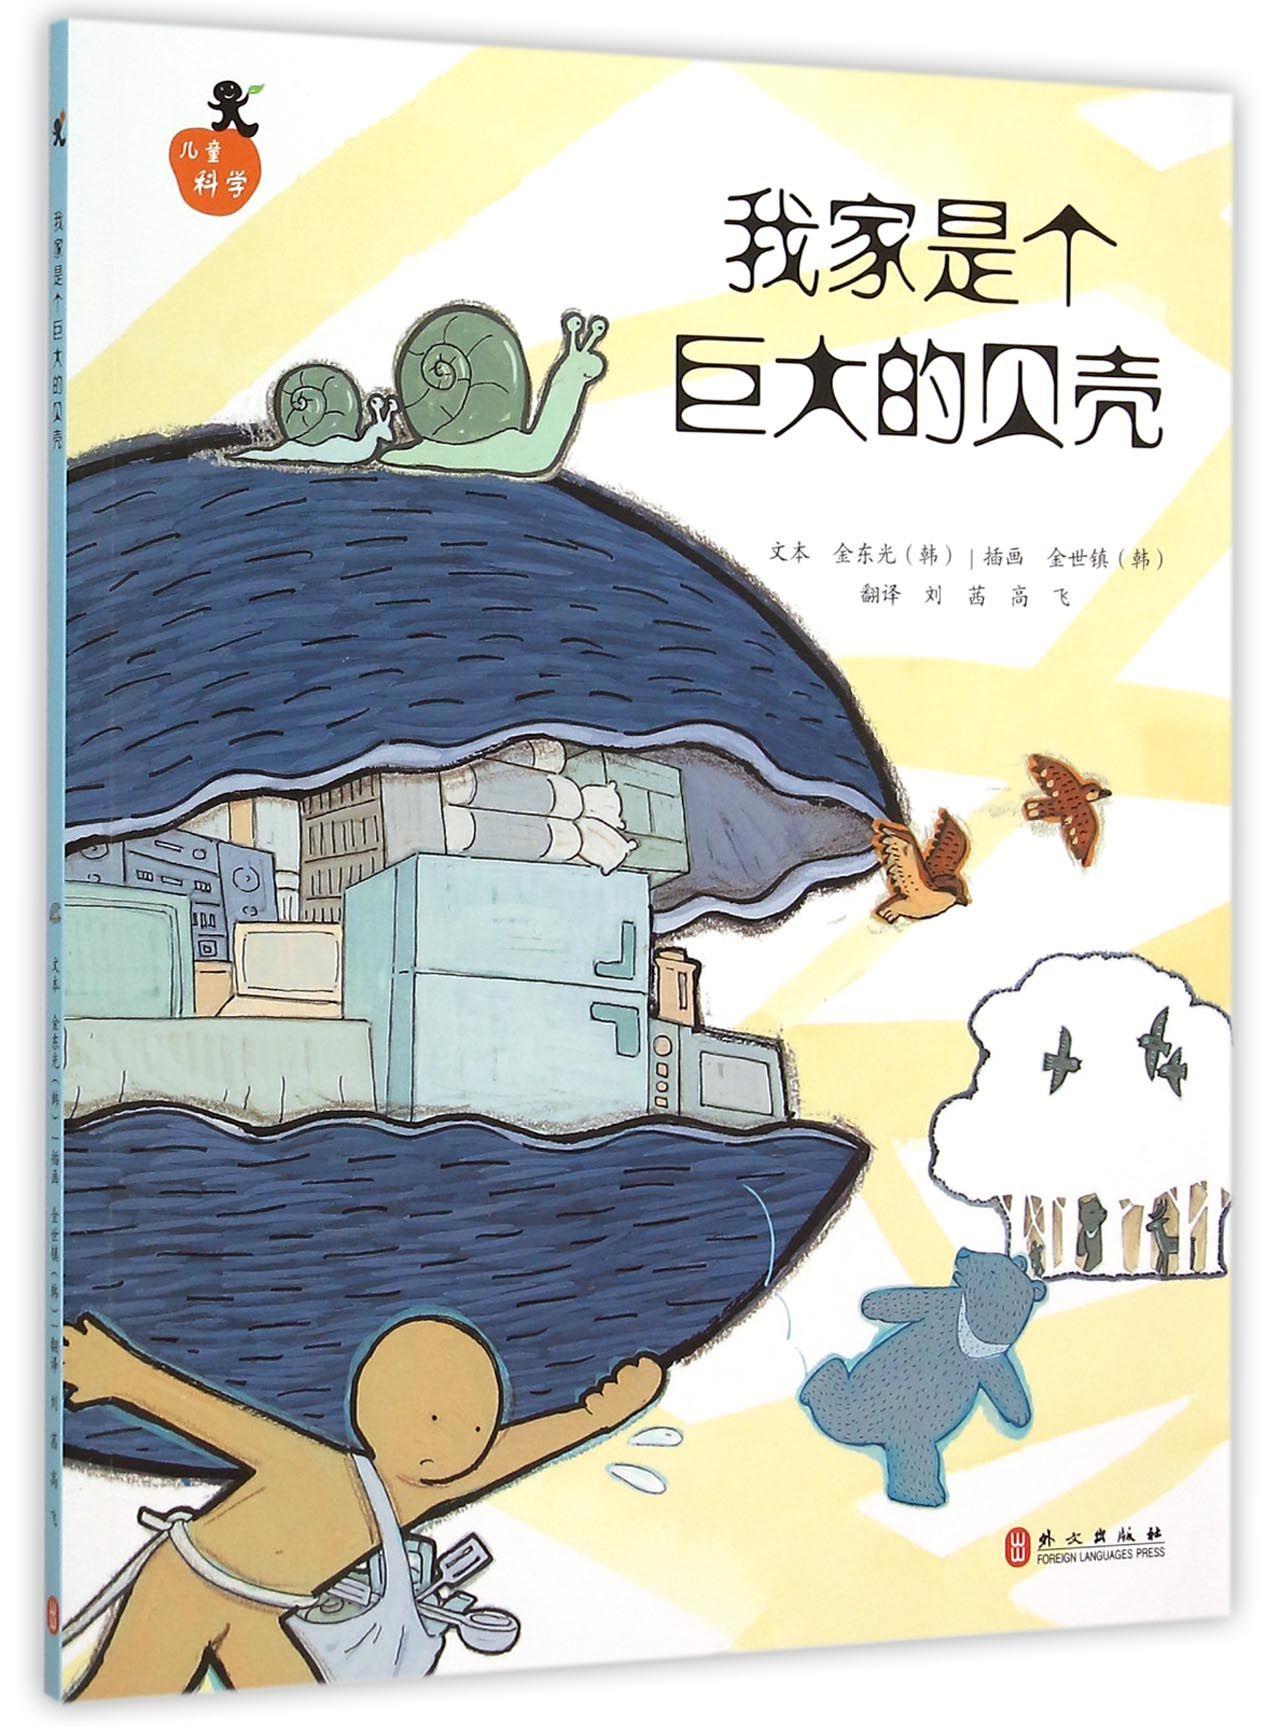 《美丽的西沙群岛(1南海有飞鱼)》是刘先平大自然文学系列作品的力作。 刘先平用饱酣的笔墨描写了驻守西沙的战士和渔民所坚守的信念爱国爱岛,乐守天涯的西沙精神。以阳光般的心态,来写祖国宝岛的美丽与迷人,海洋的神奇与斑斓,自然的瑰丽与和谐,西沙人的质朴与真诚,驻守西沙部队官兵的坚强与可爱。从《美丽的西沙群岛》,我们认识了种种有特色的海洋与陆地的生物,认识了与西沙有关的人类的历史和自然的历史,认识了西沙有个性的人物、认识了西沙特殊的自然与人文的特殊风情。在作家的笔下,一切都充满着无穷的魅力,仿佛既有远在天边